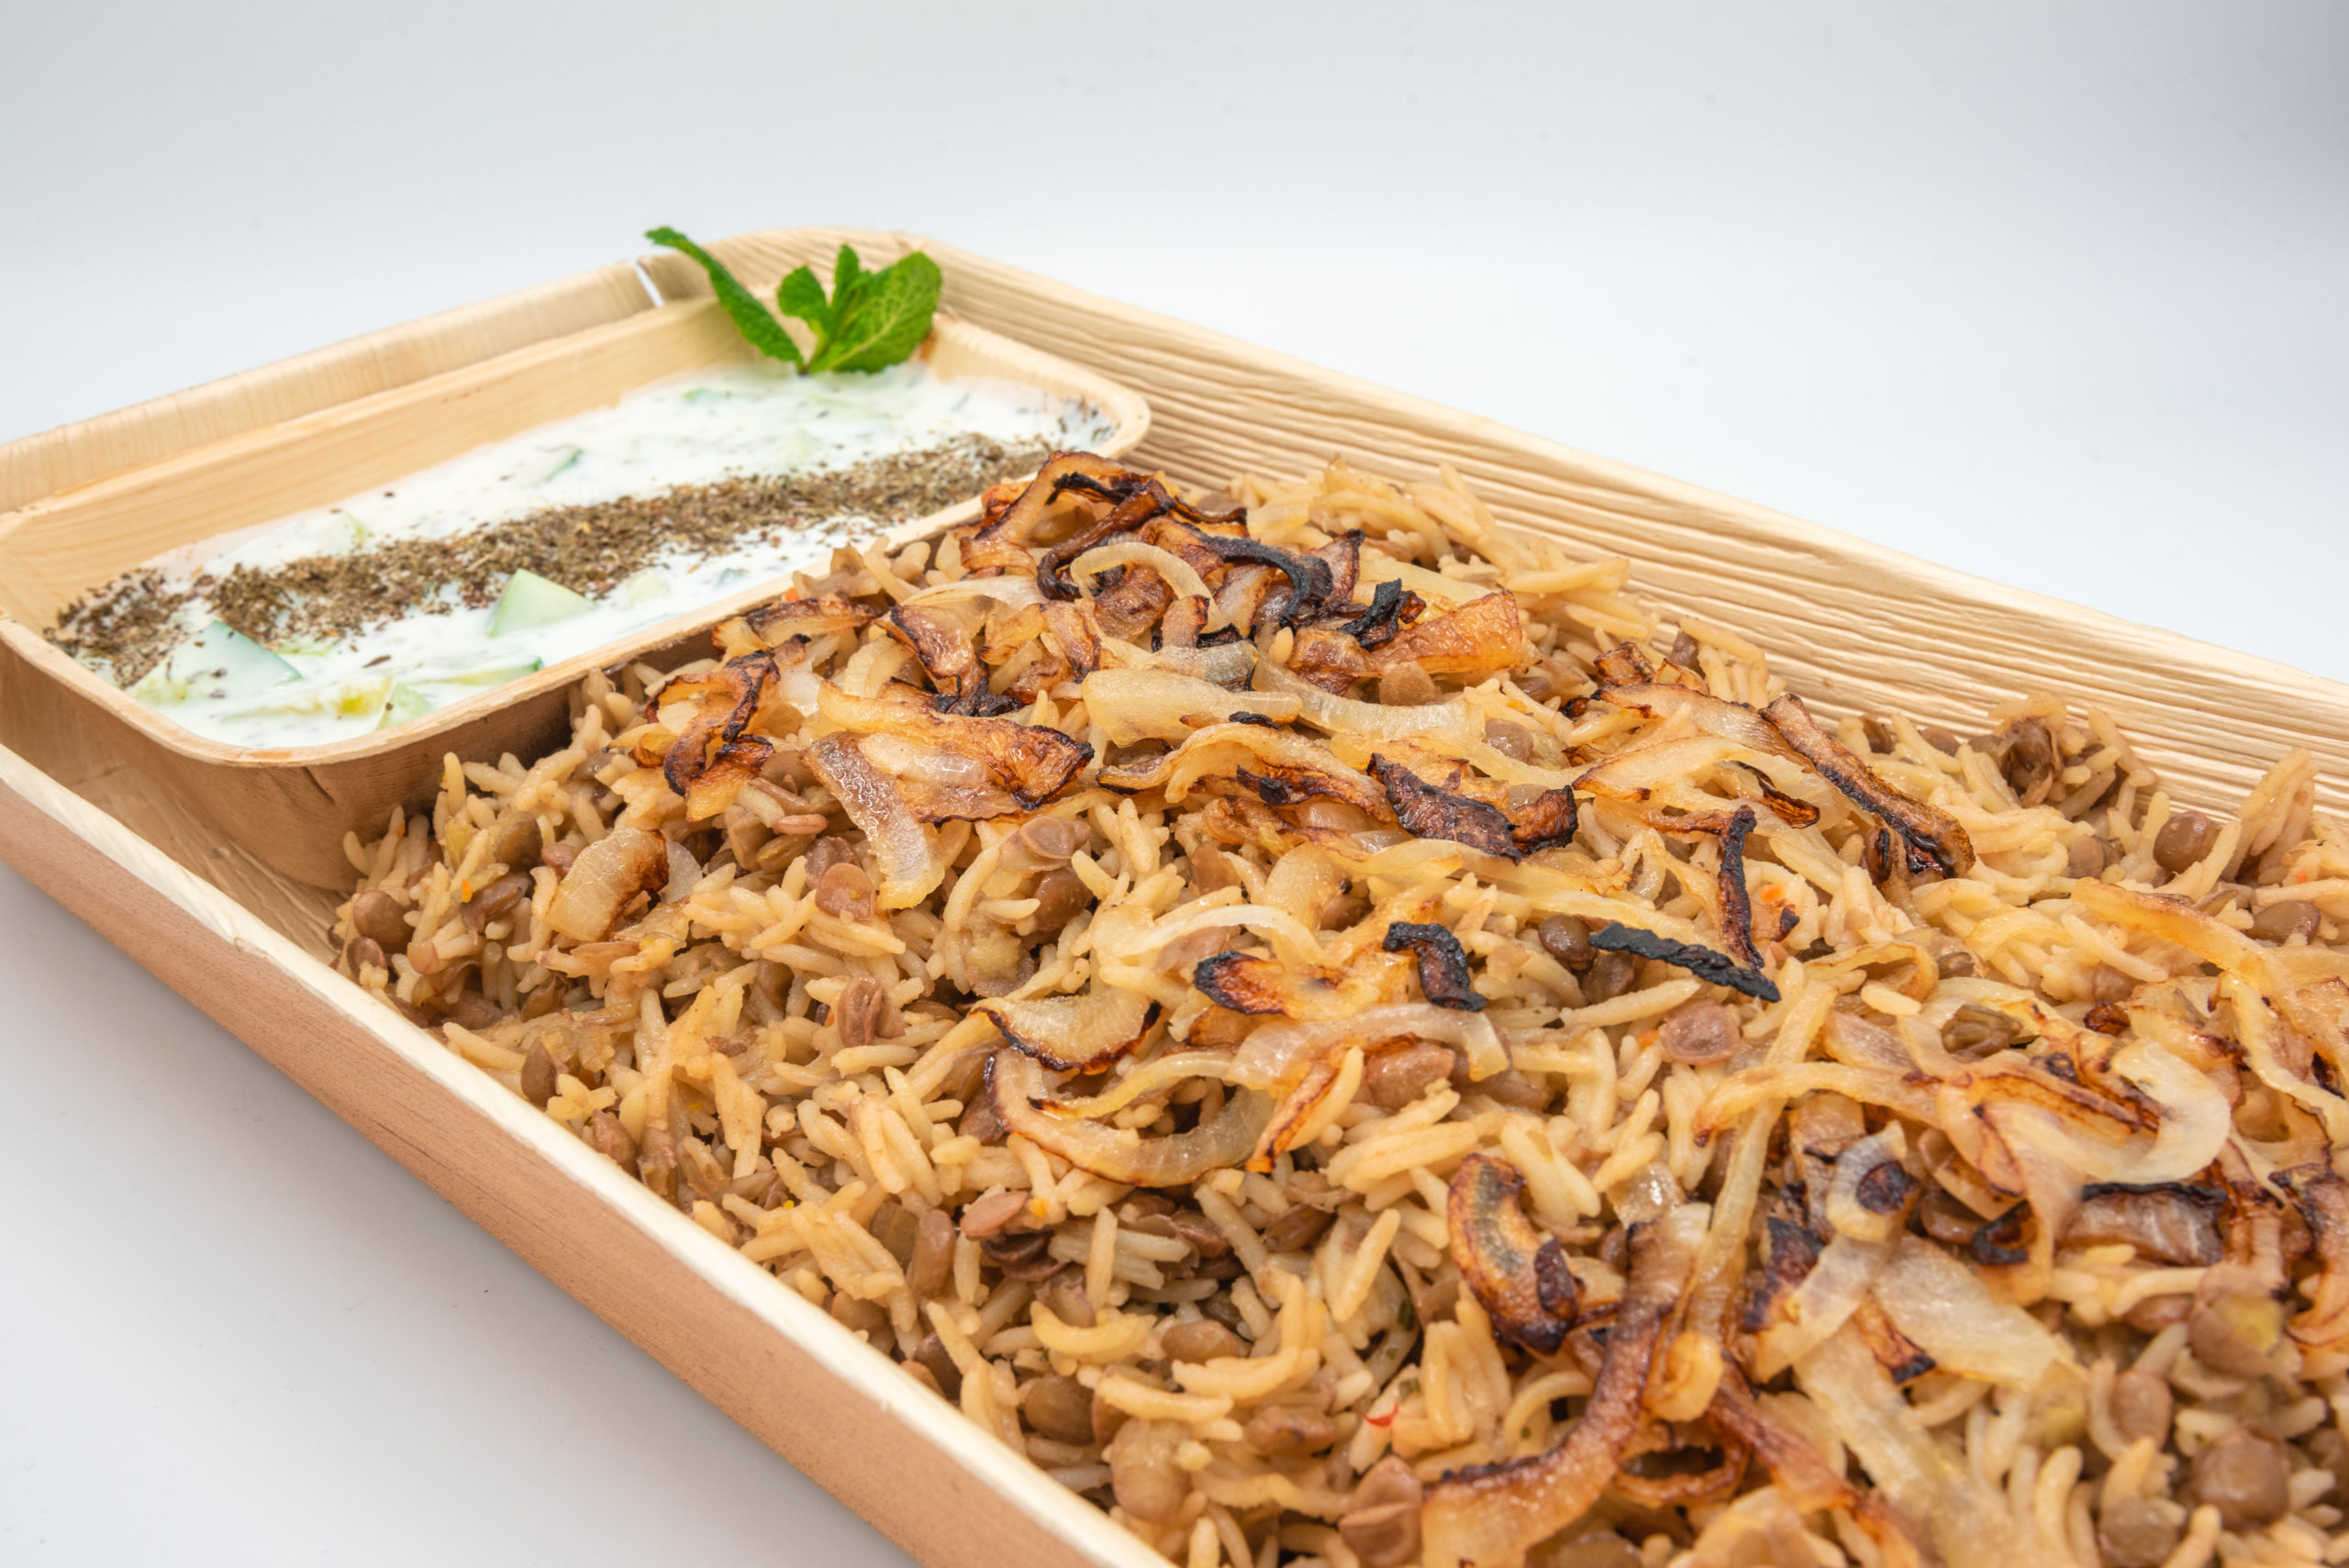 Mujeddara - Traditionelles Reis-Linsengericht mit gerösteten Zwiebeln, dazu Joghurt und eingelegtes Gemüse.